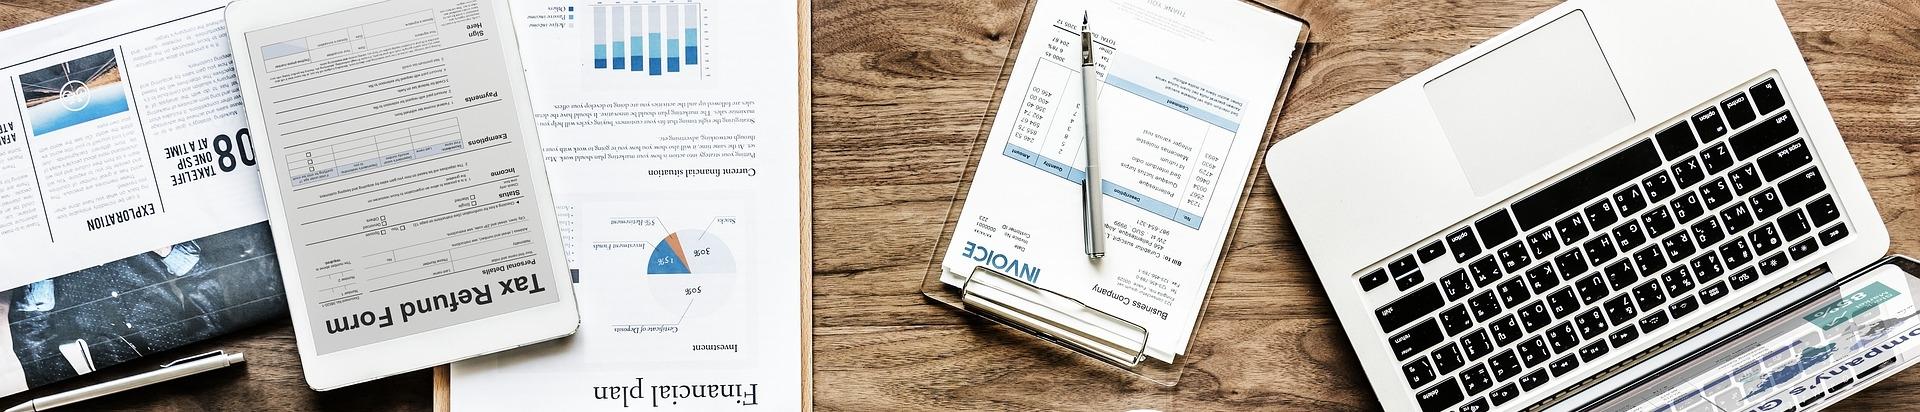 ブランディング会社が作る第三者提出するための中期経営計画・事業計画書